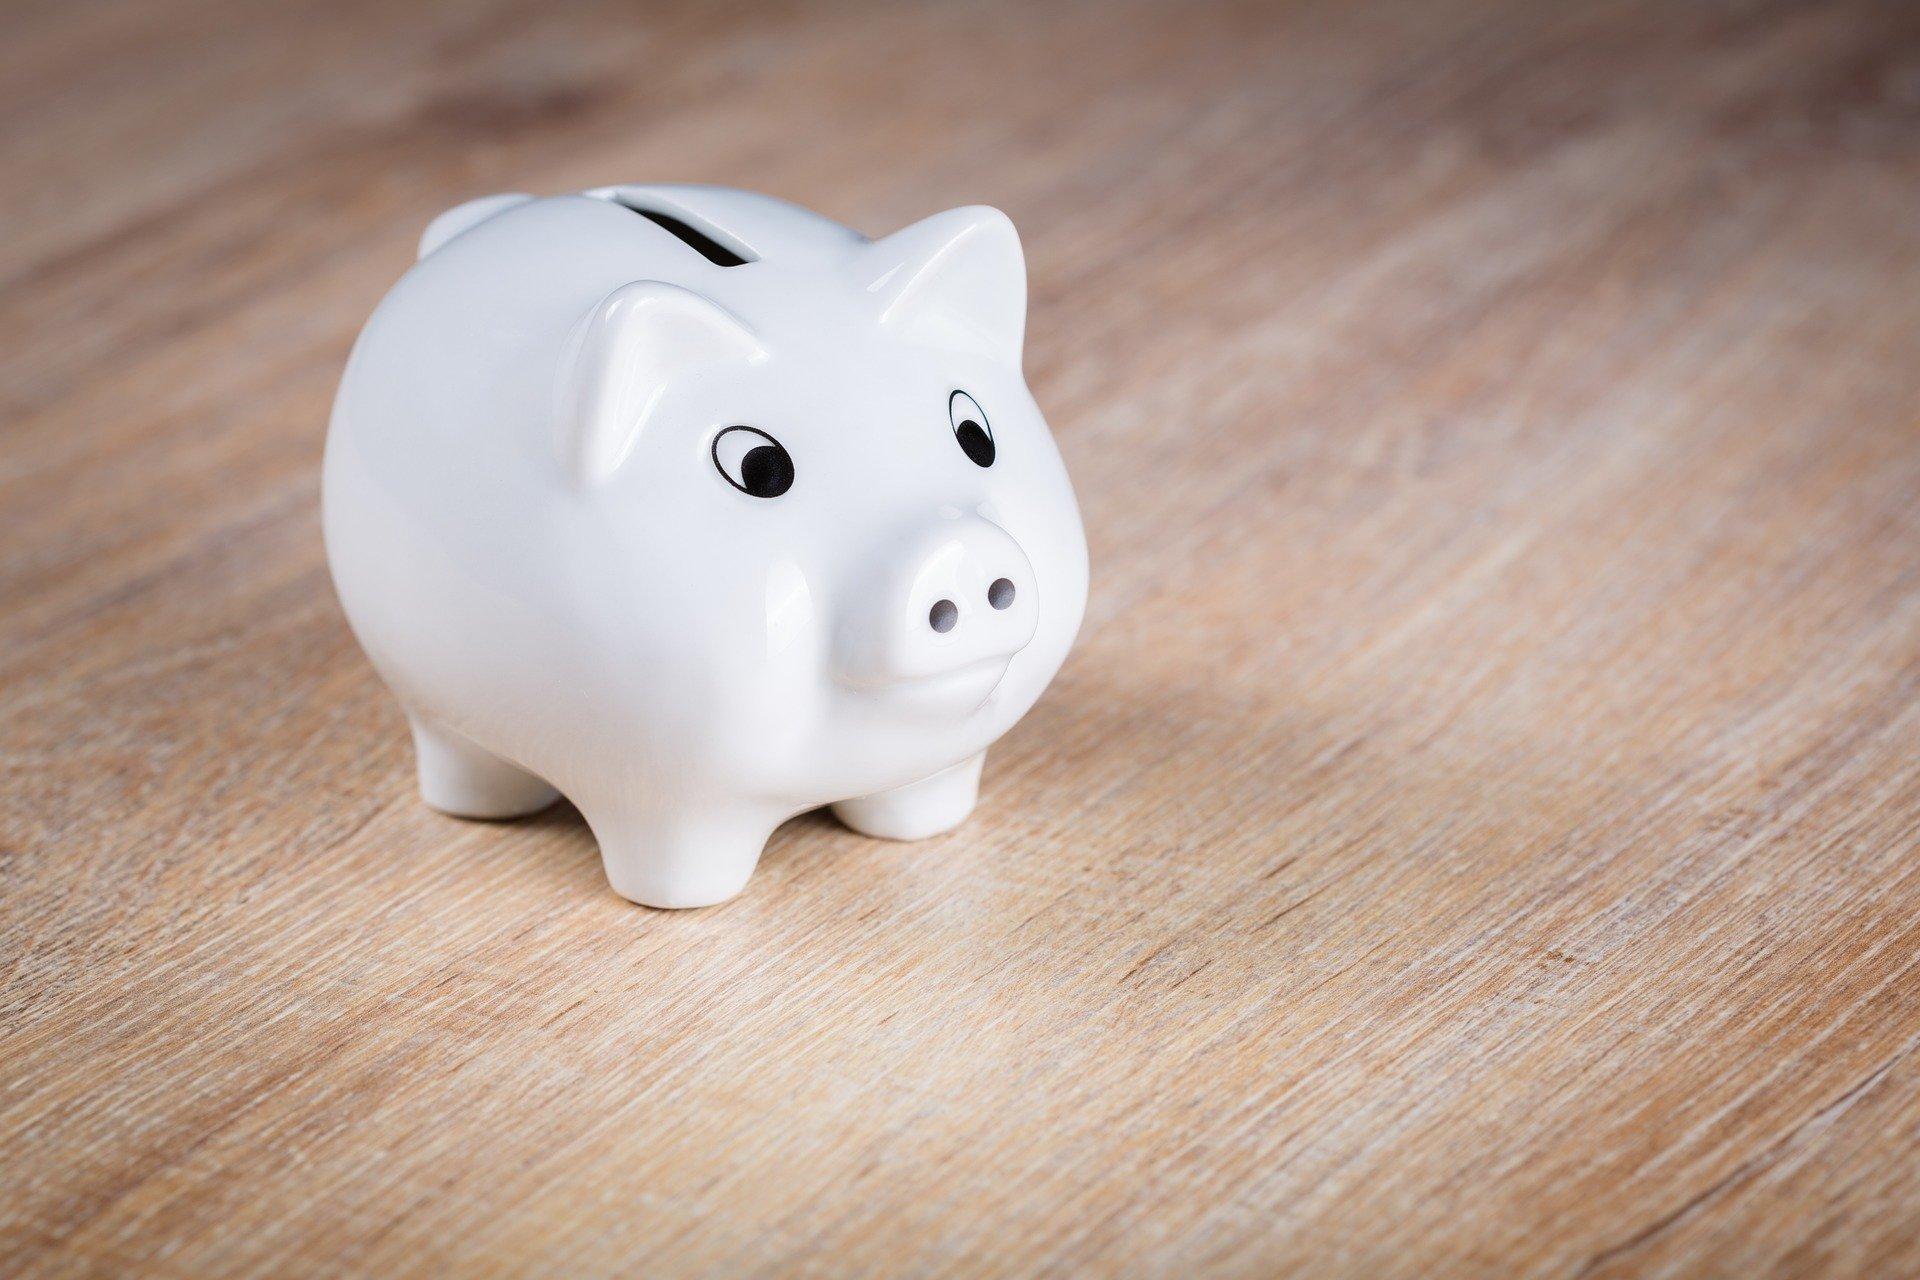 【FX】ドルコスト平均法のメリット・デメリットとは?【基礎編】